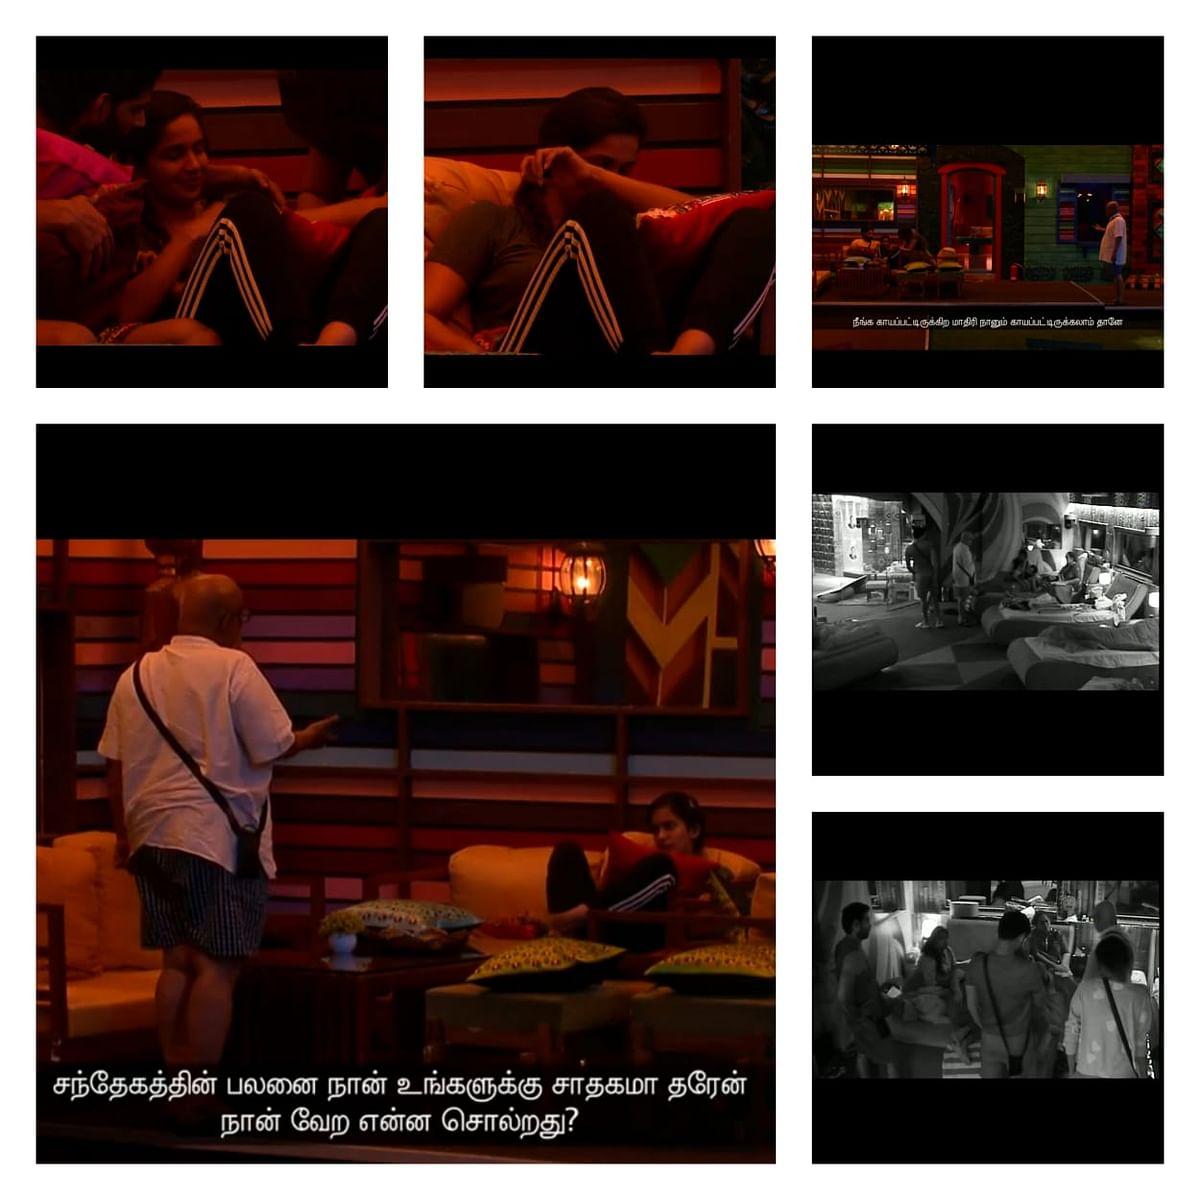 Bigg boss house got new Boss, Aari: Bigg Boss Tamil Season 4, Day33 Highlights